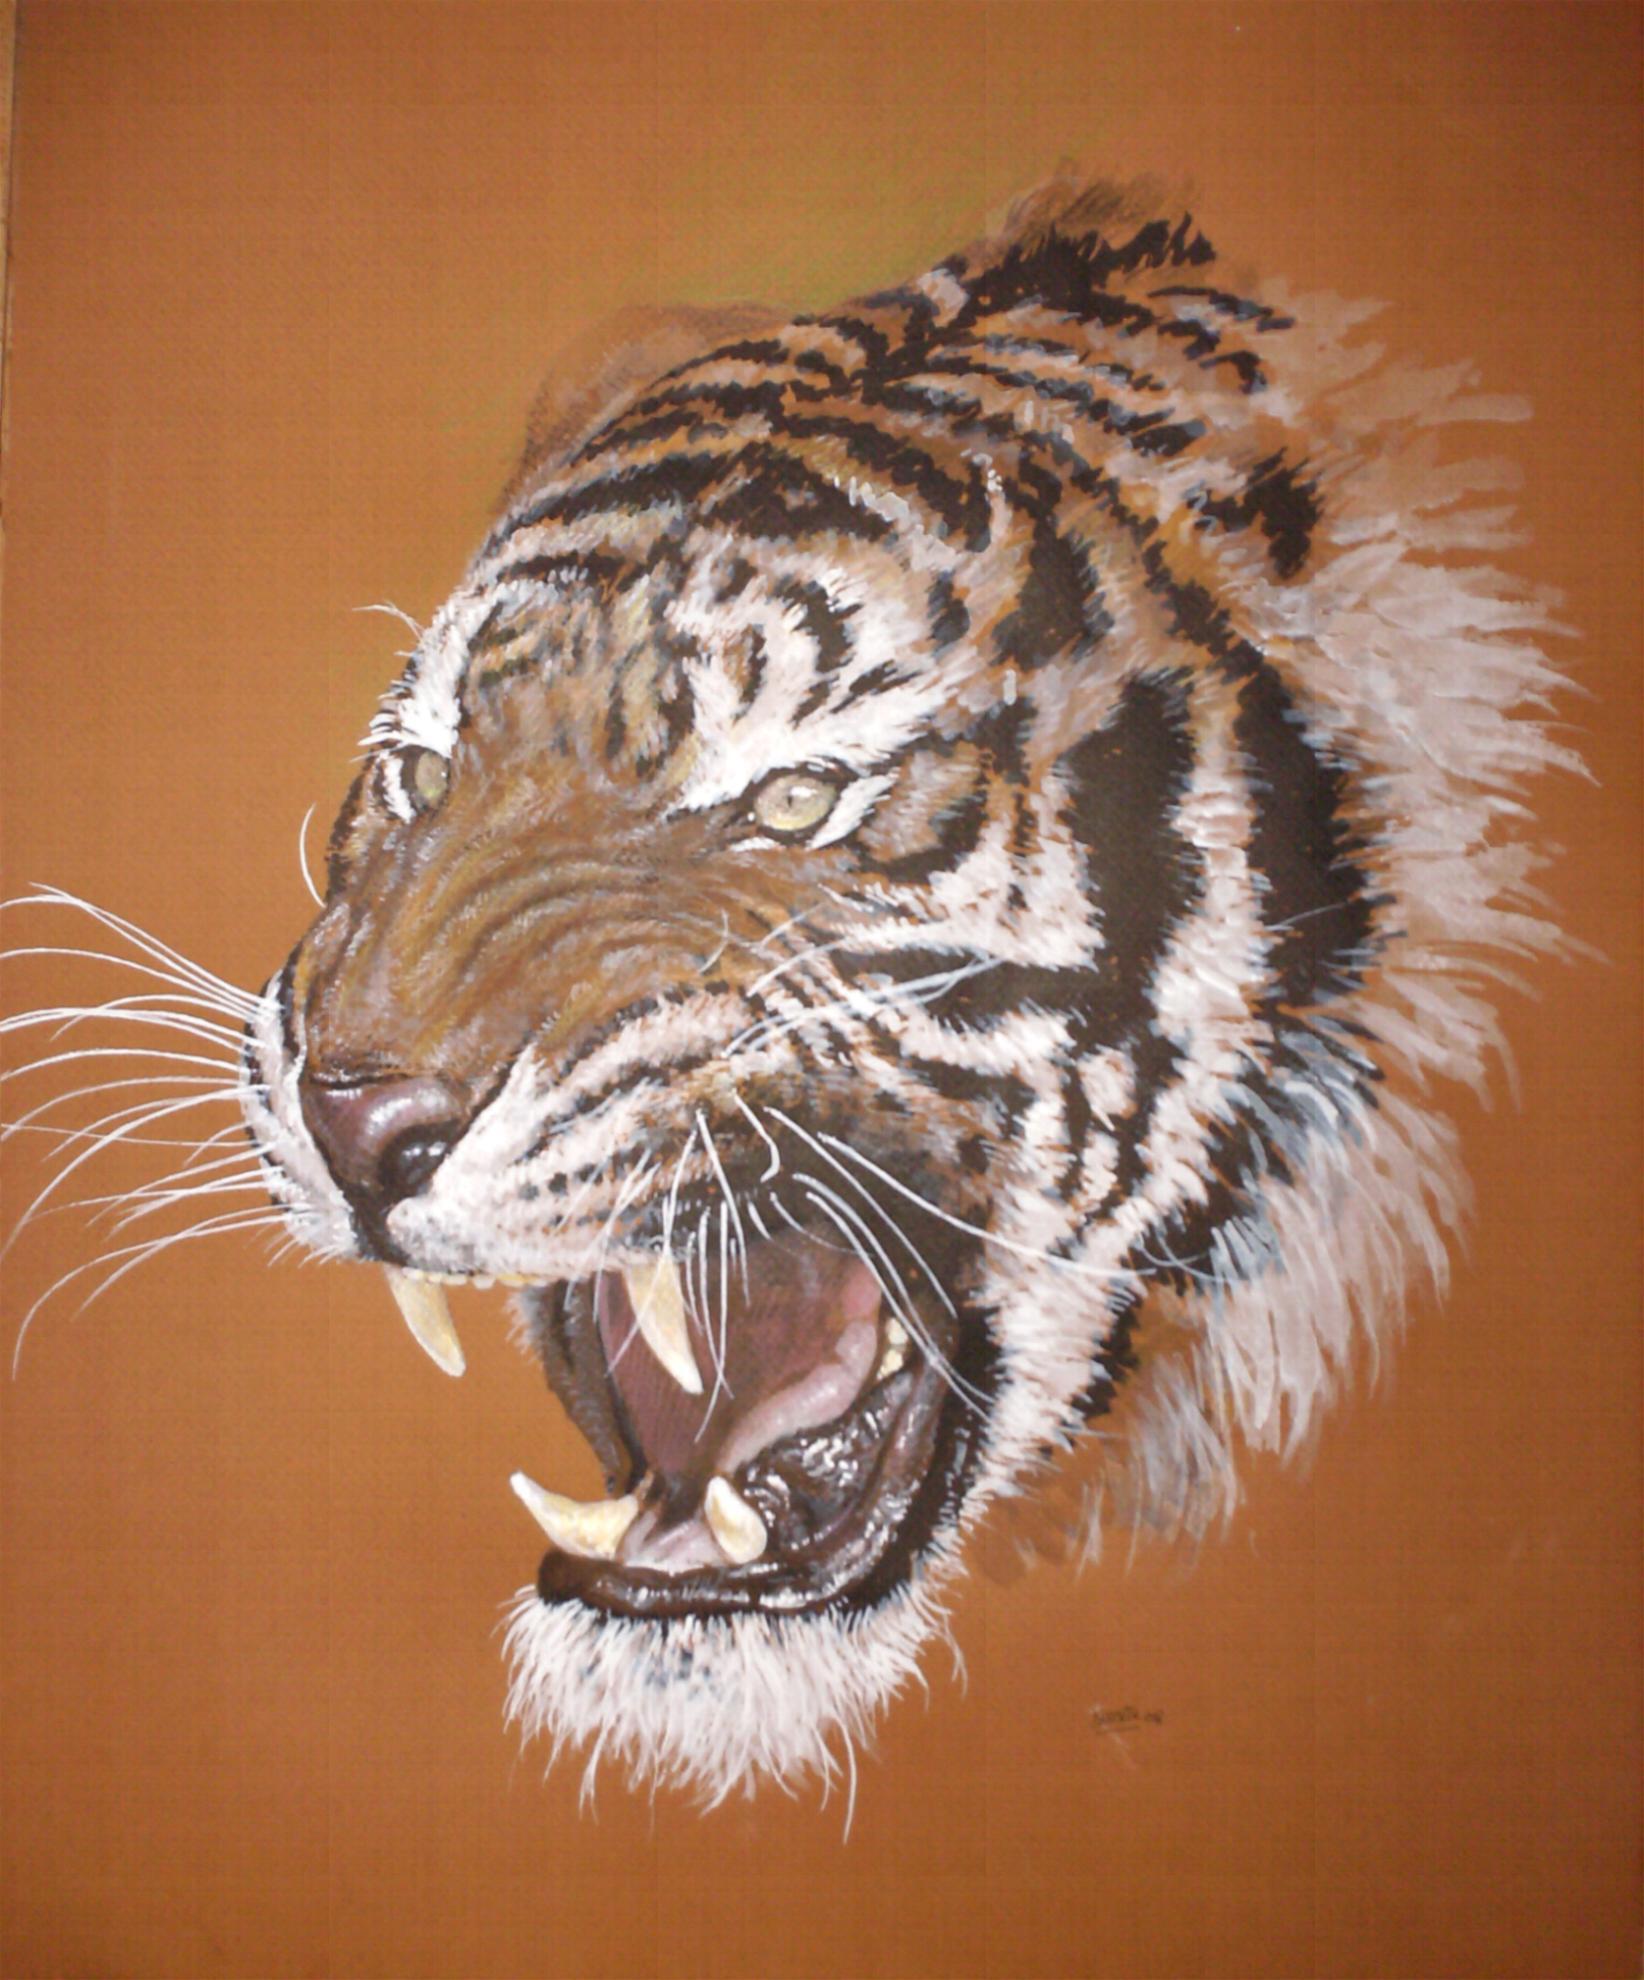 C novel dessins archive du blog tigre 2 - Image dessin tigre ...